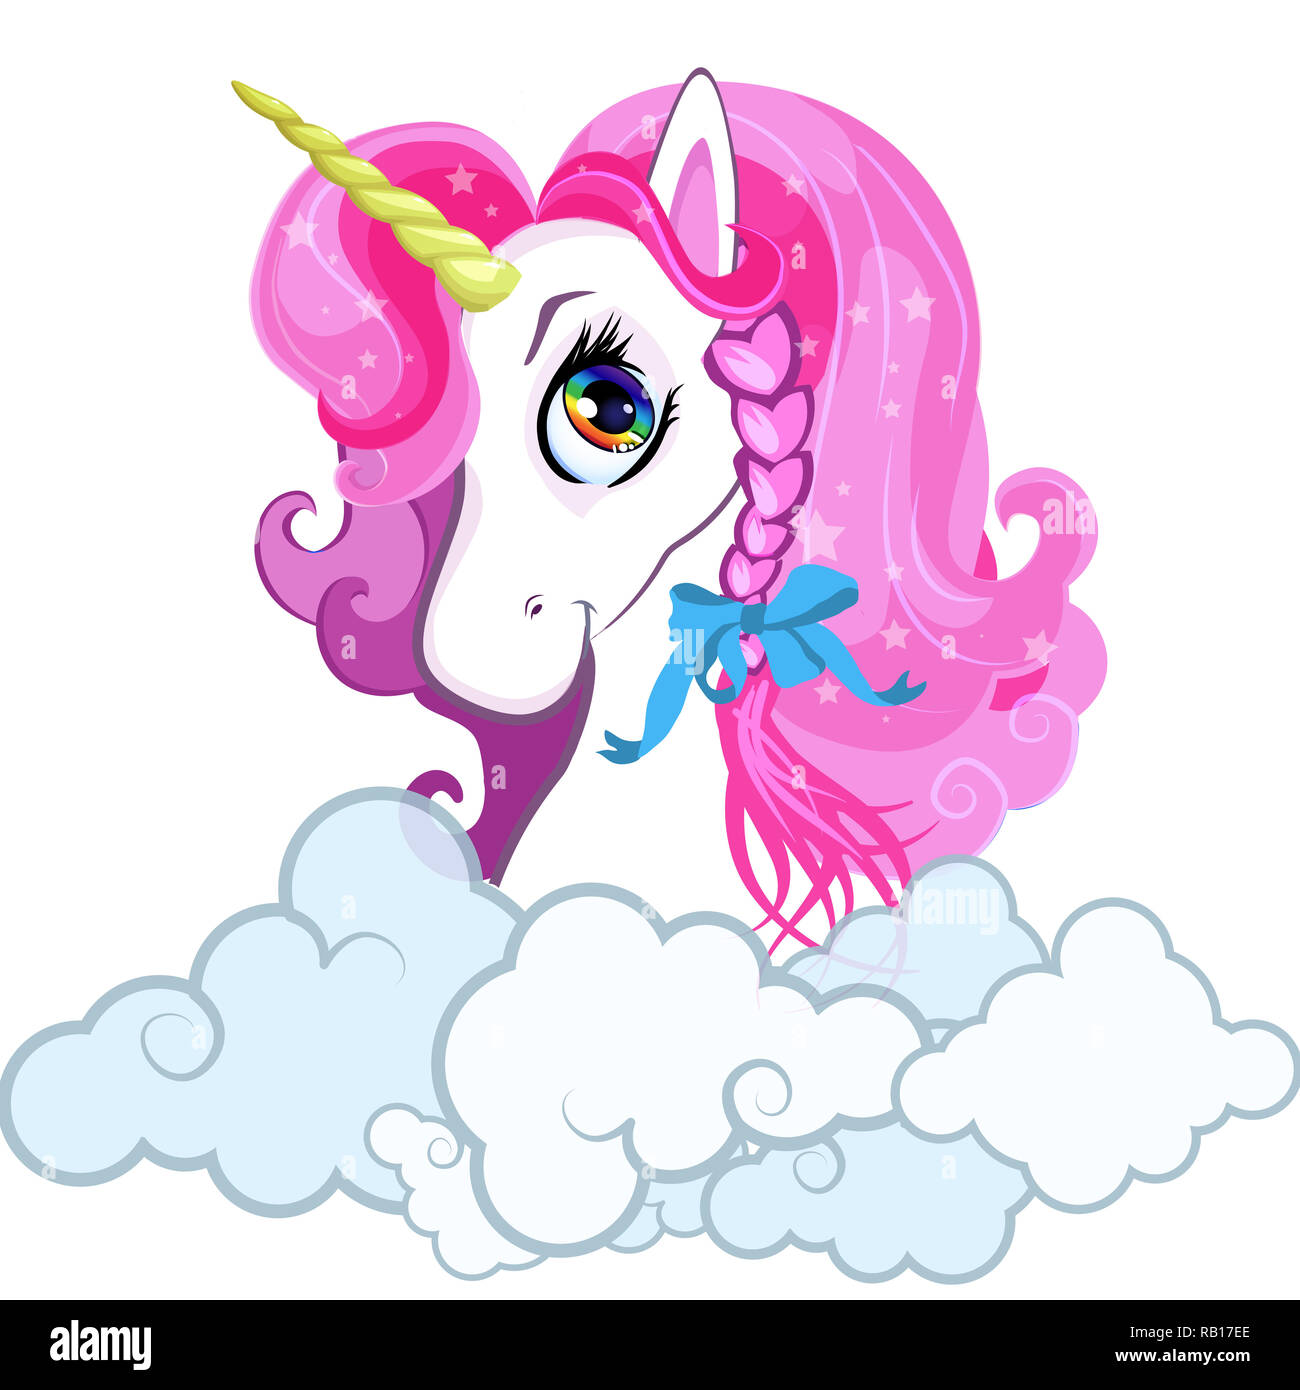 Cartoon White Pony Unicornio Cabeza Con Pelo De Color Rosa Retrato